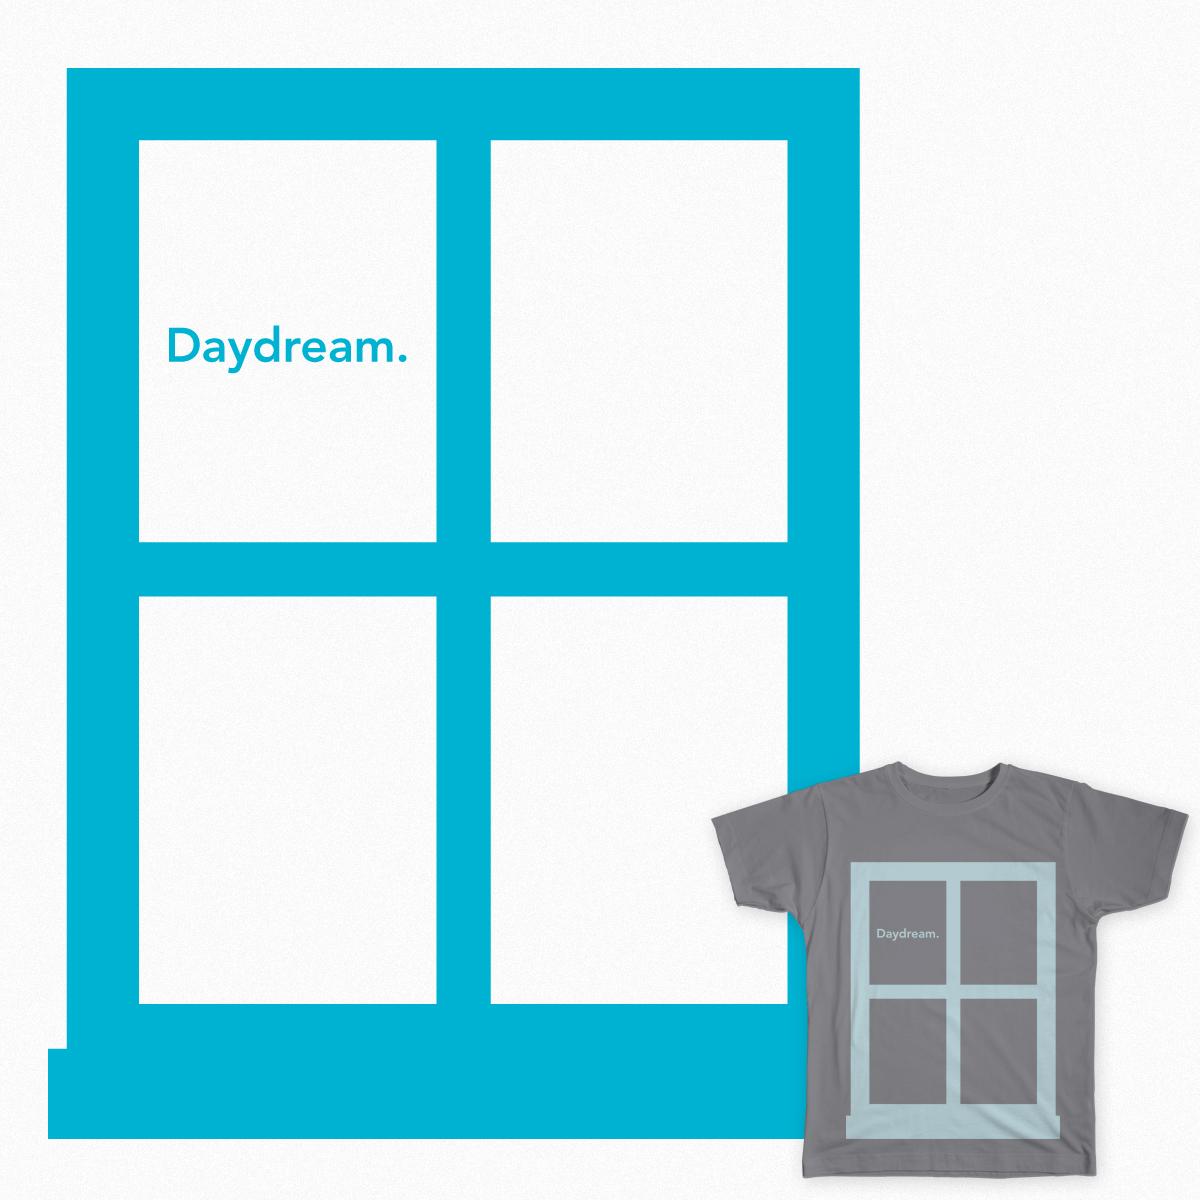 Daydream by eransom on Threadless